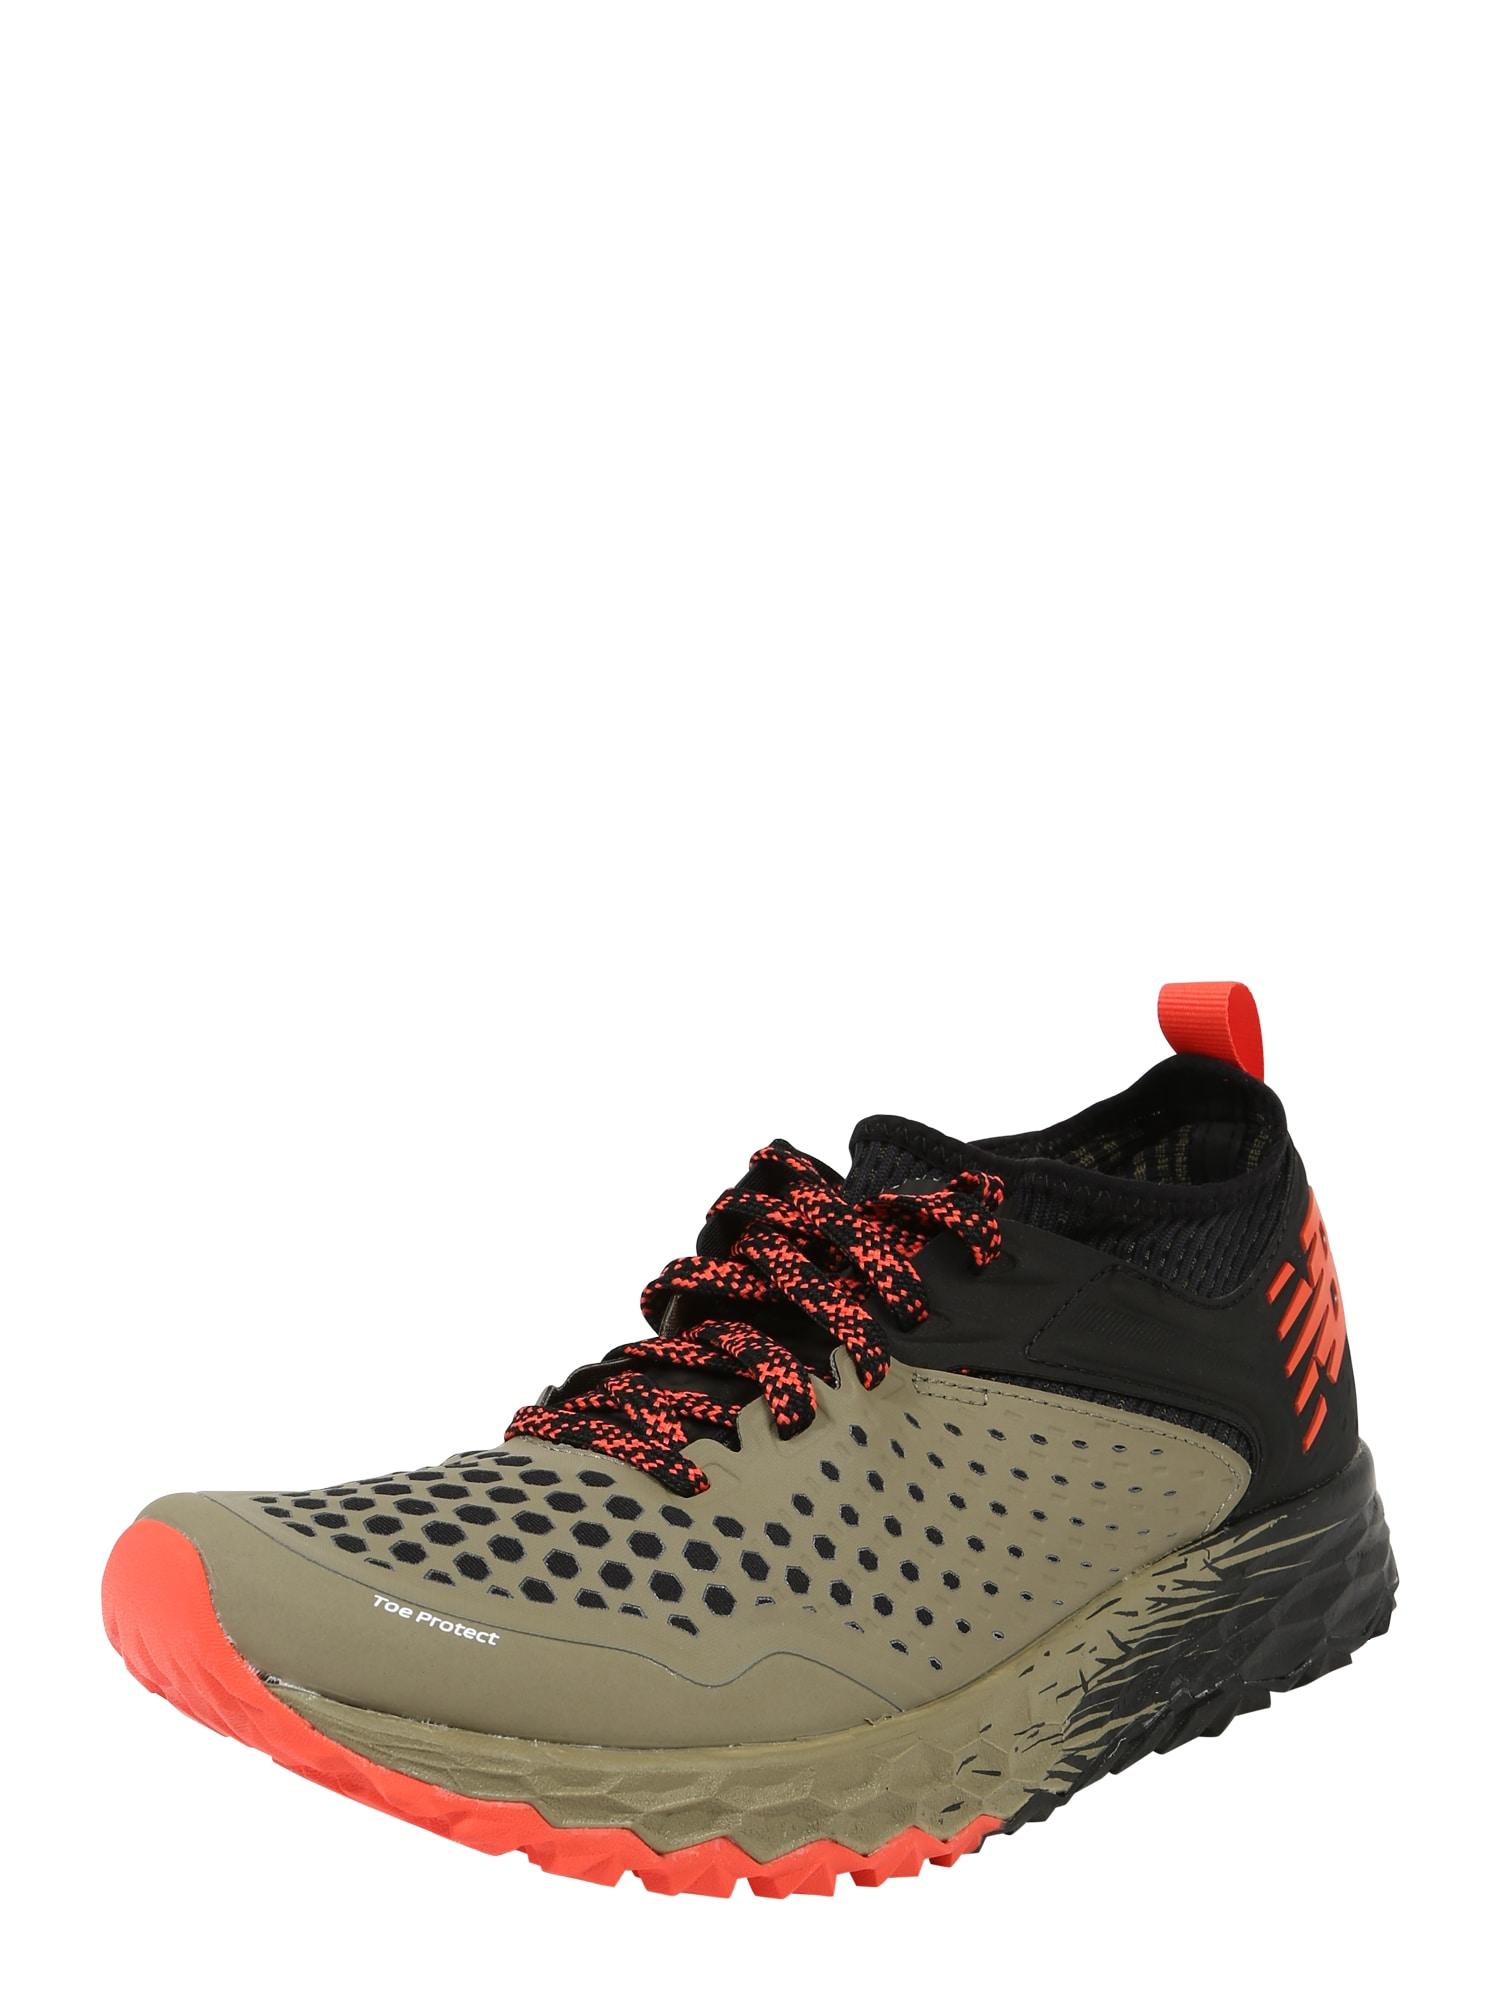 Sportovní boty Hierro v4 tmavě béžová černá New Balance